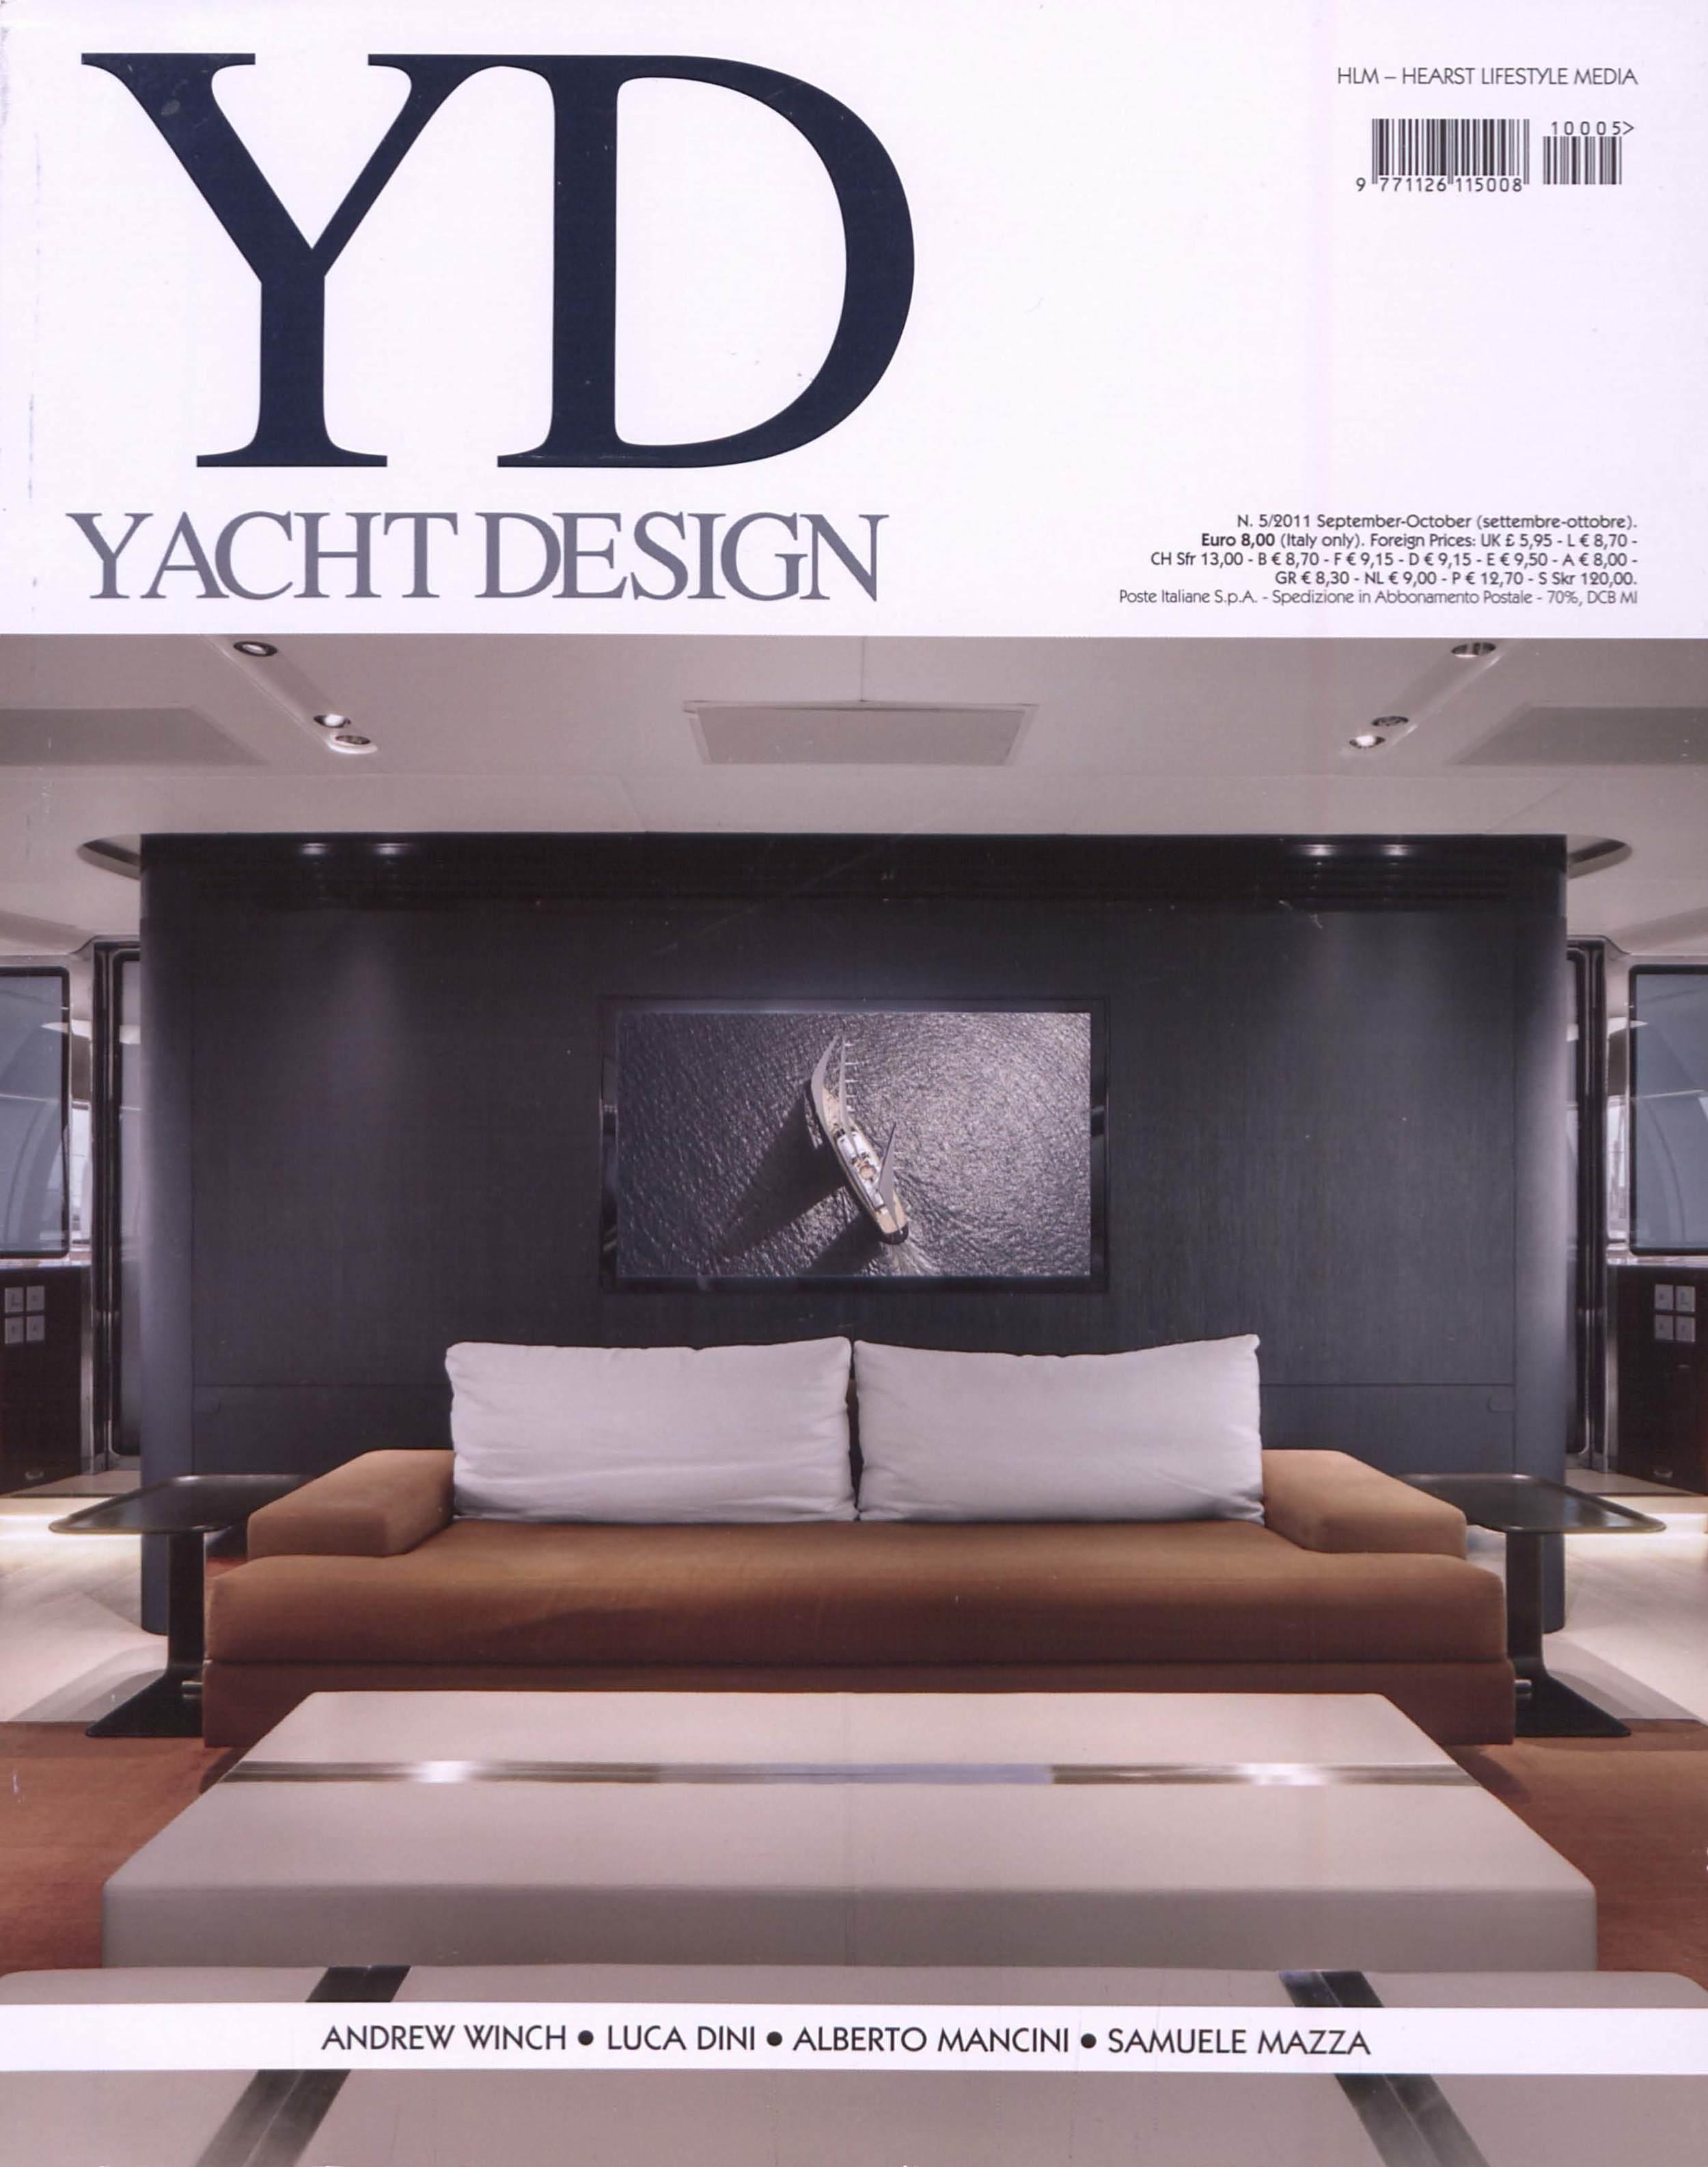 Yacht Design   September/October 2011